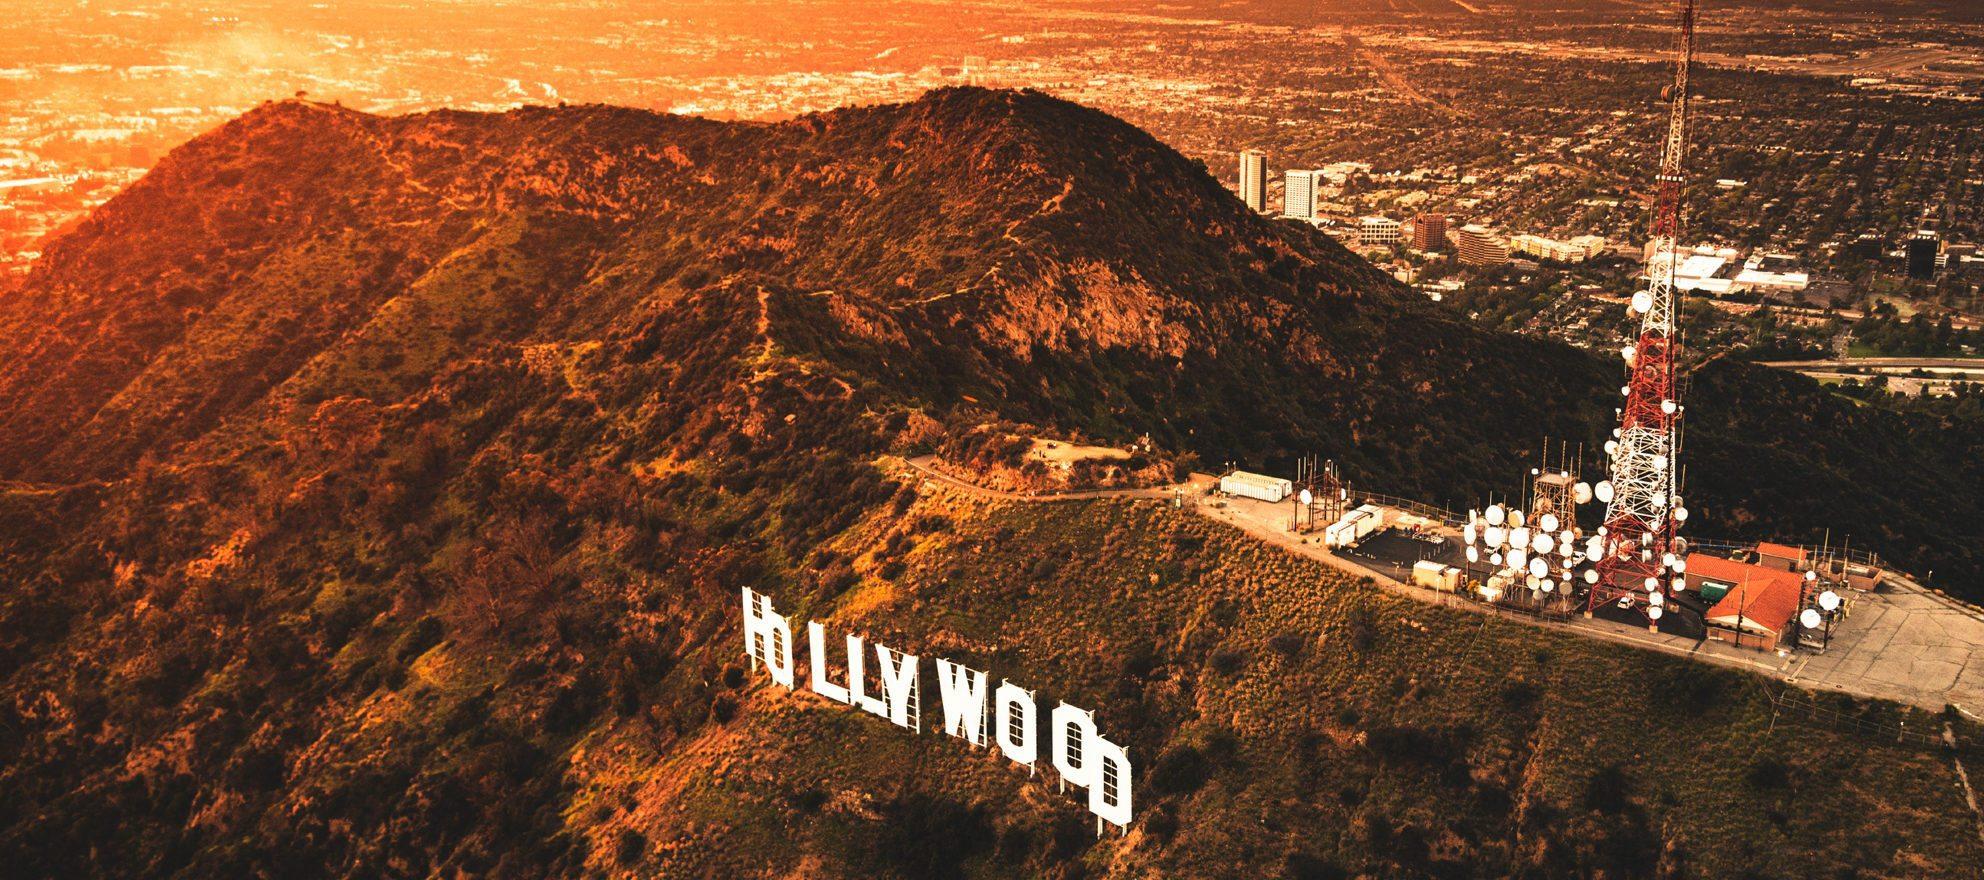 Los Angeles in a week